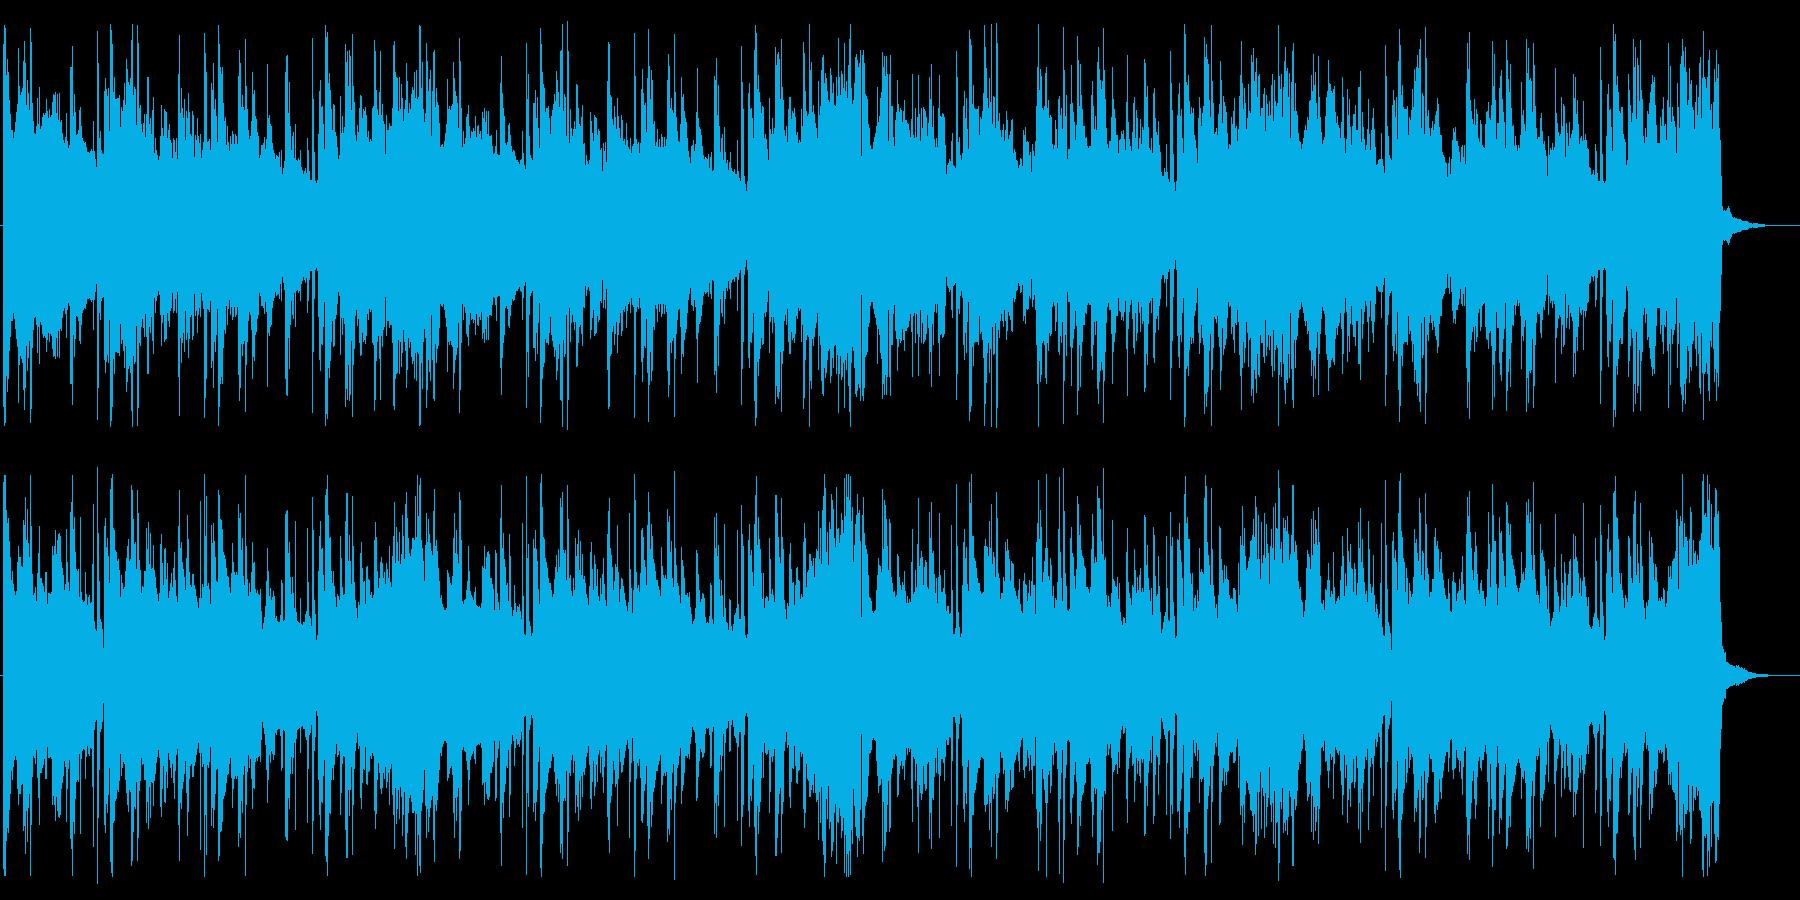 爽やか/落ち着き/R&B_No597_4の再生済みの波形